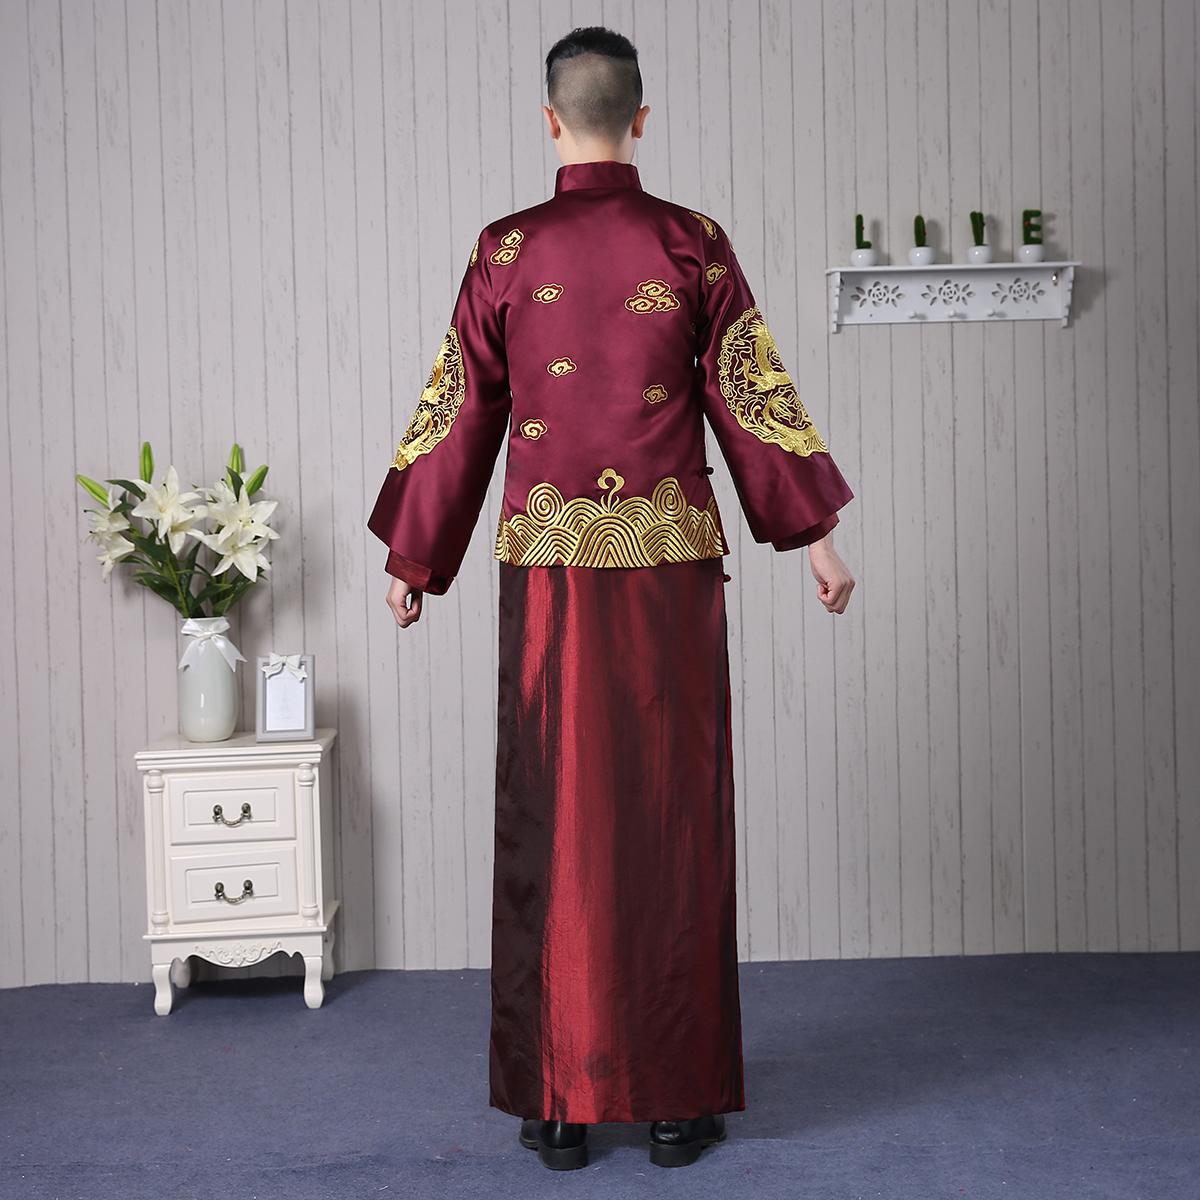 新郎秀禾服男士龙凤褂中式结婚礼服敬酒绣和服秋冬新款古唐装嫁衣